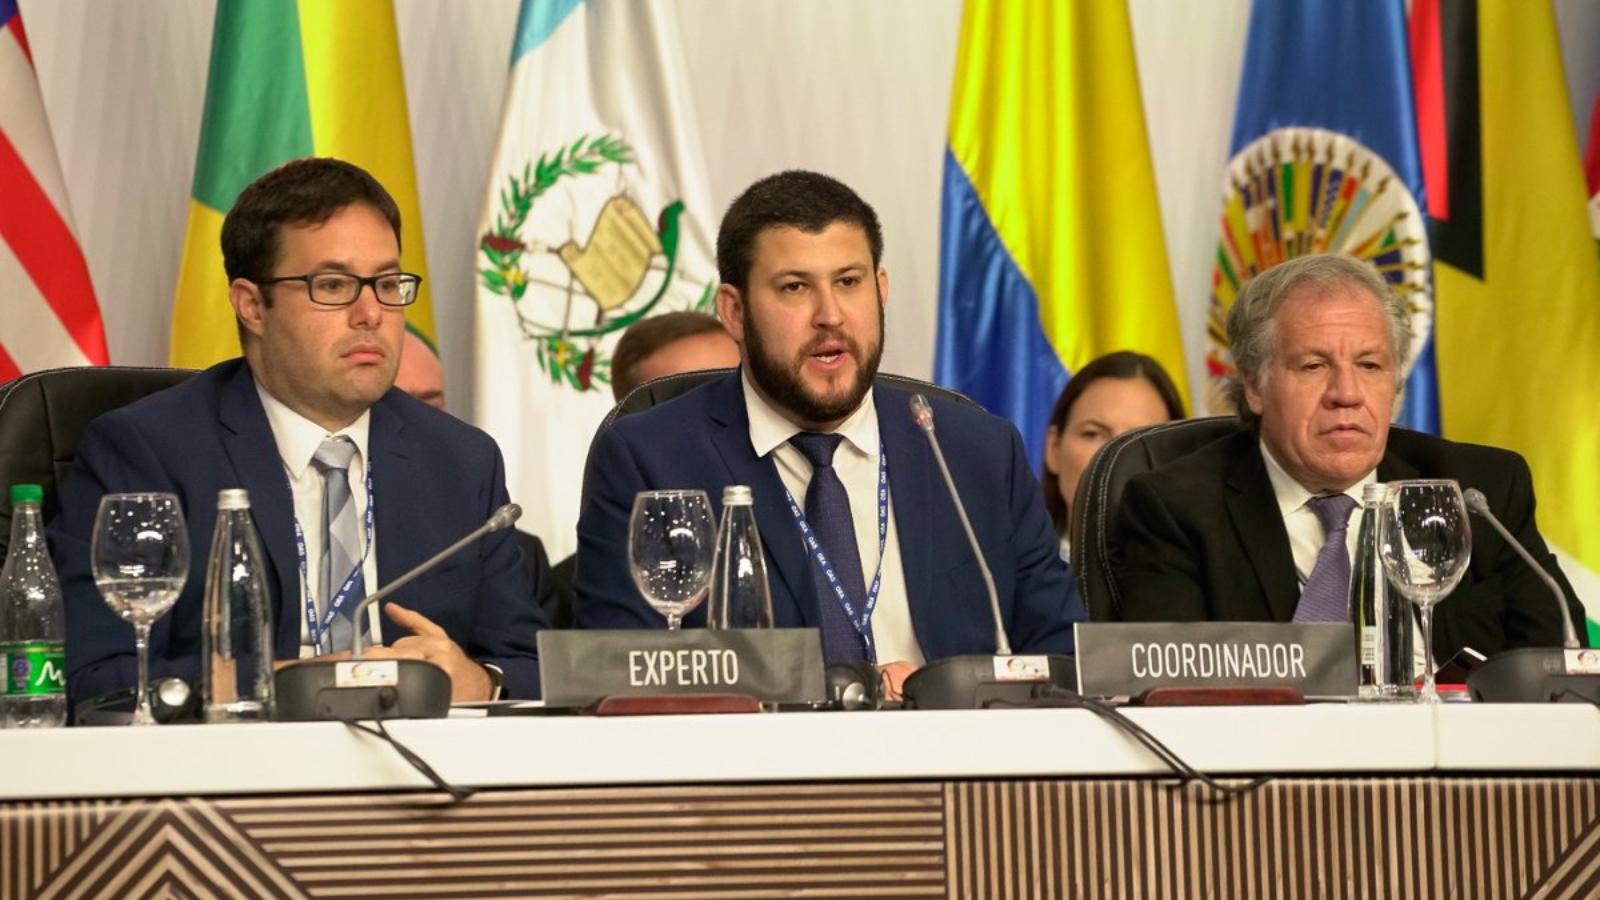 La cooperación internacional ha sido insuficiente para ayudar a los migrantes venezolanos